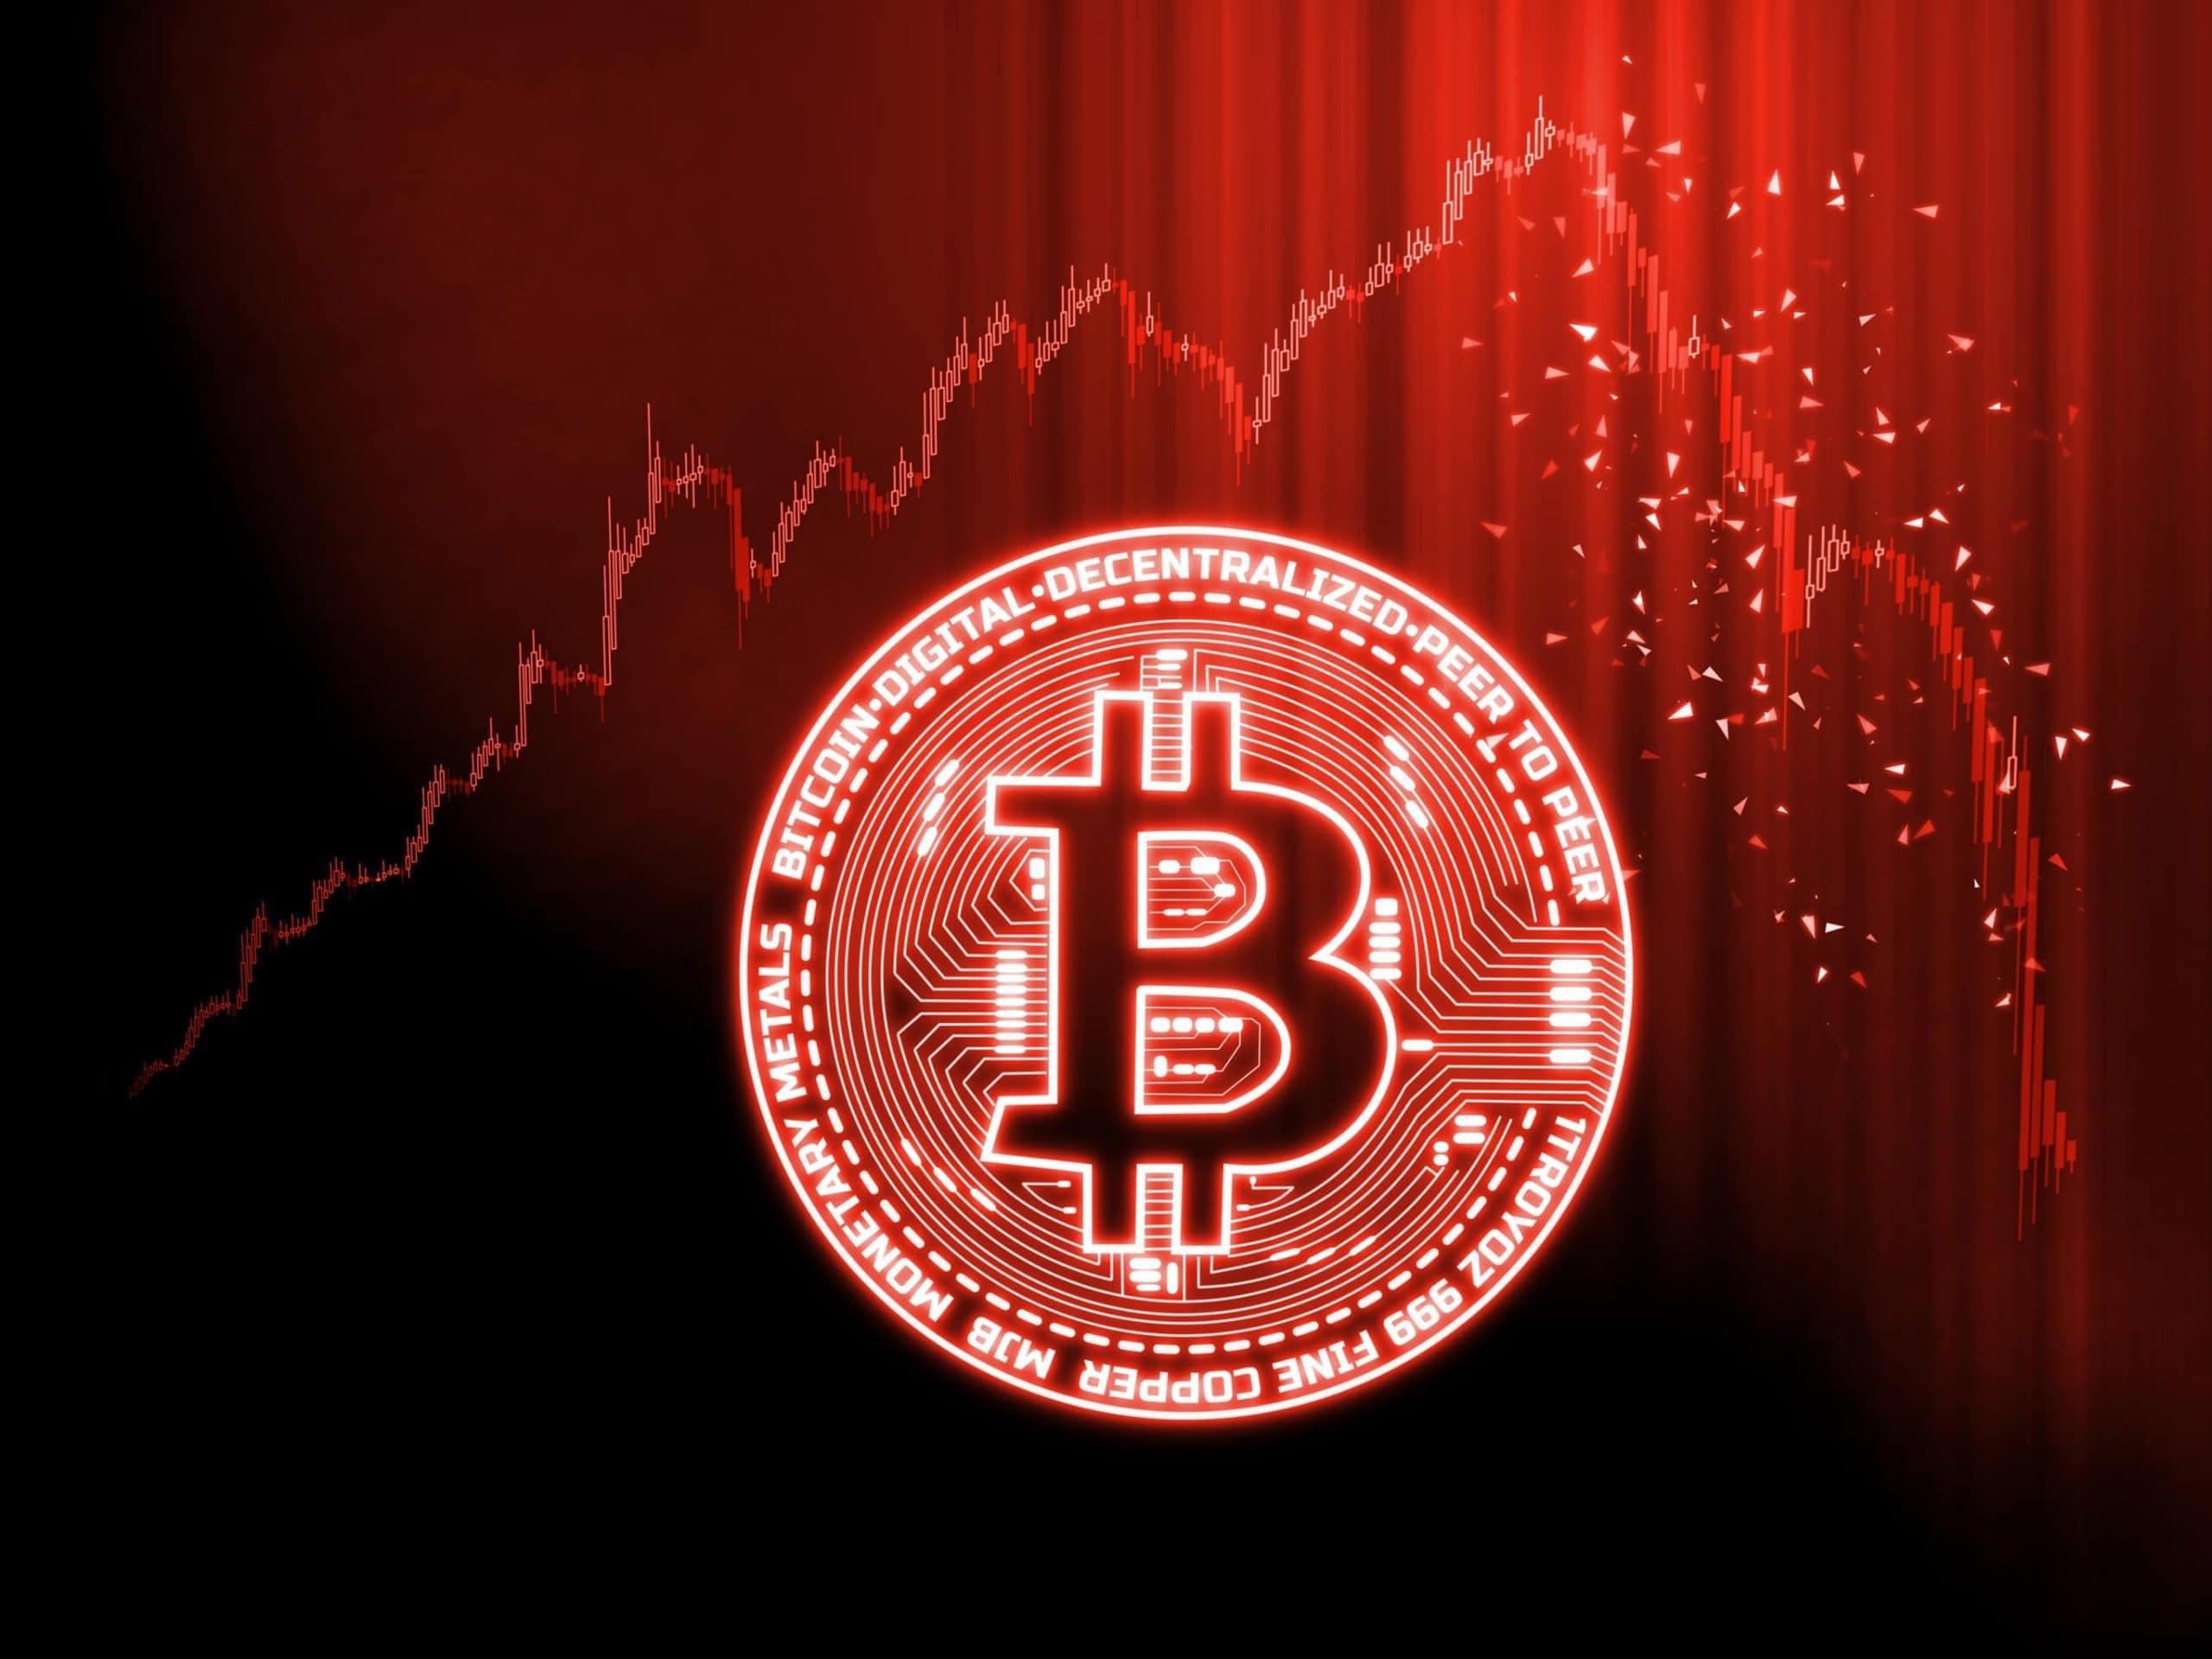 Bitcoin-Münze vor rotem Hintergrund